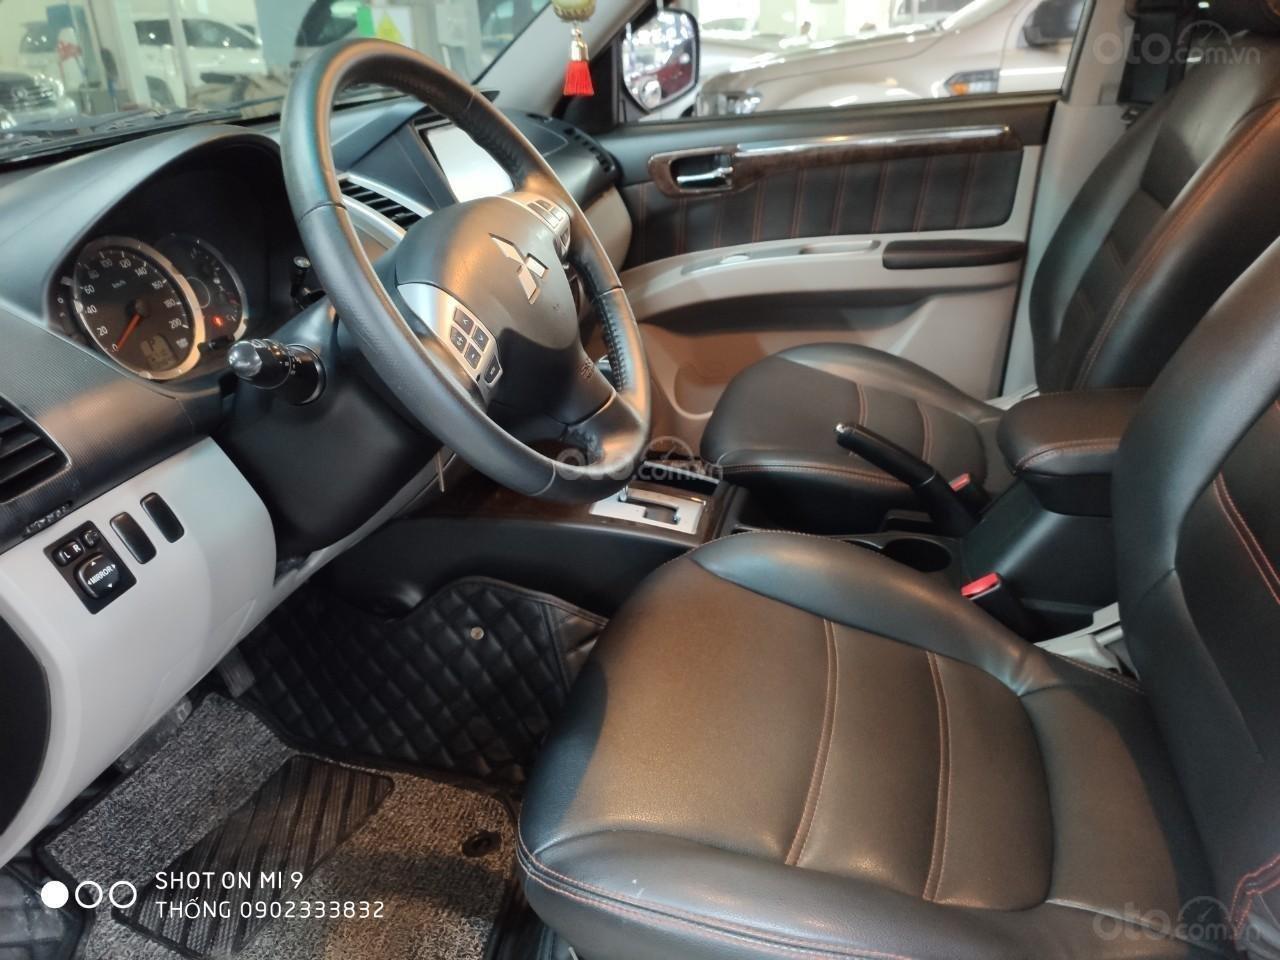 Bán xe Mitsubishi Pajero Sport đời 2011, màu nâu, xe nhập (7)